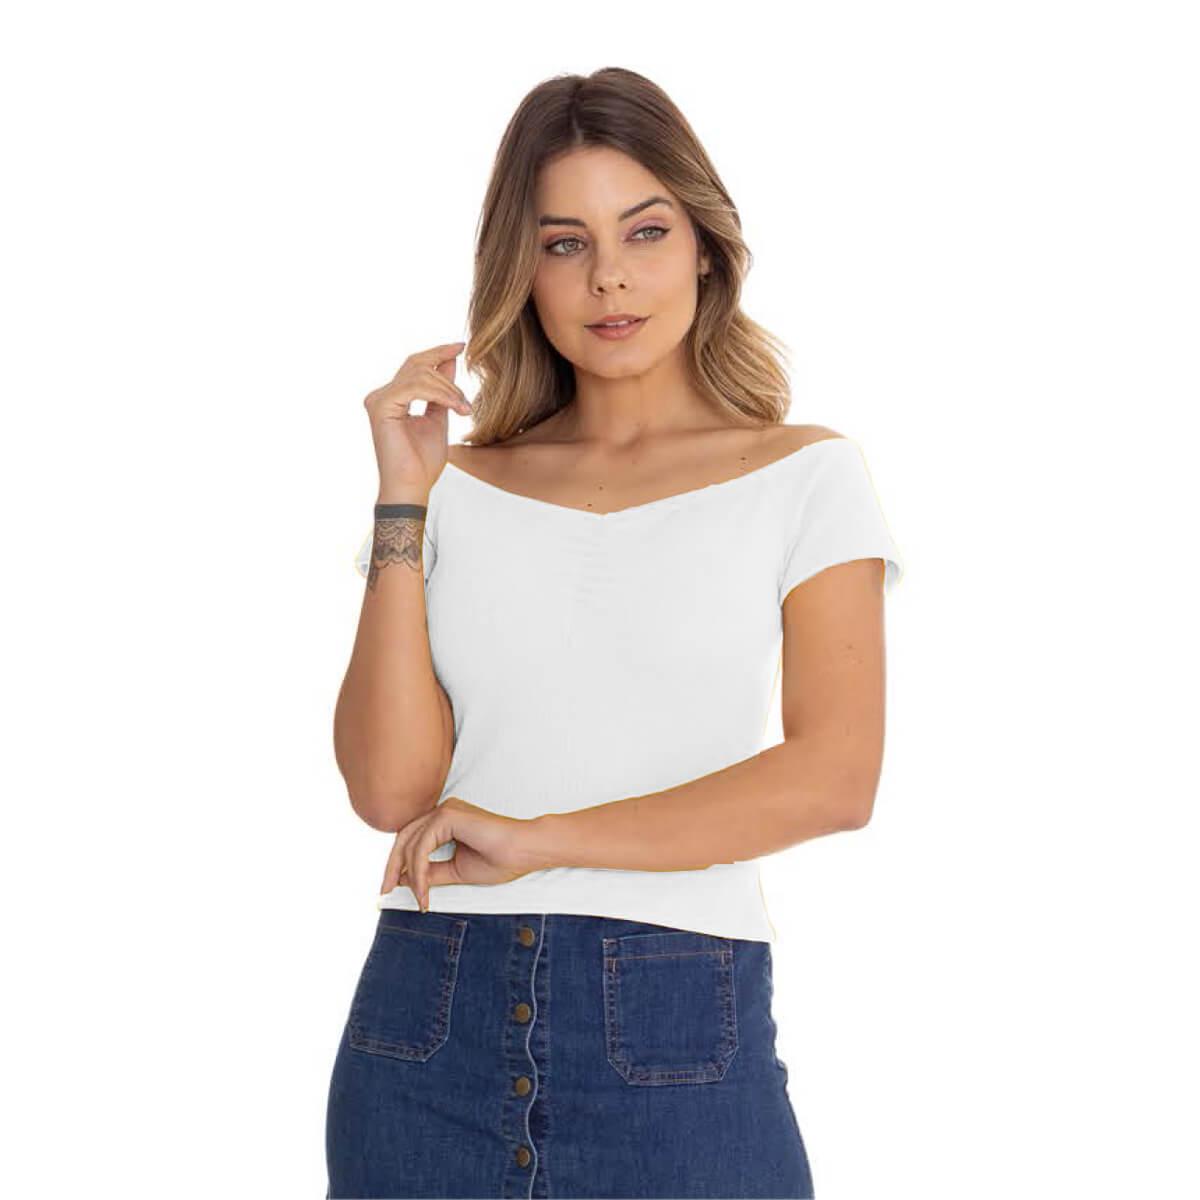 Blusa Feminina Cetim Canelada Ombro a Ombro Branca